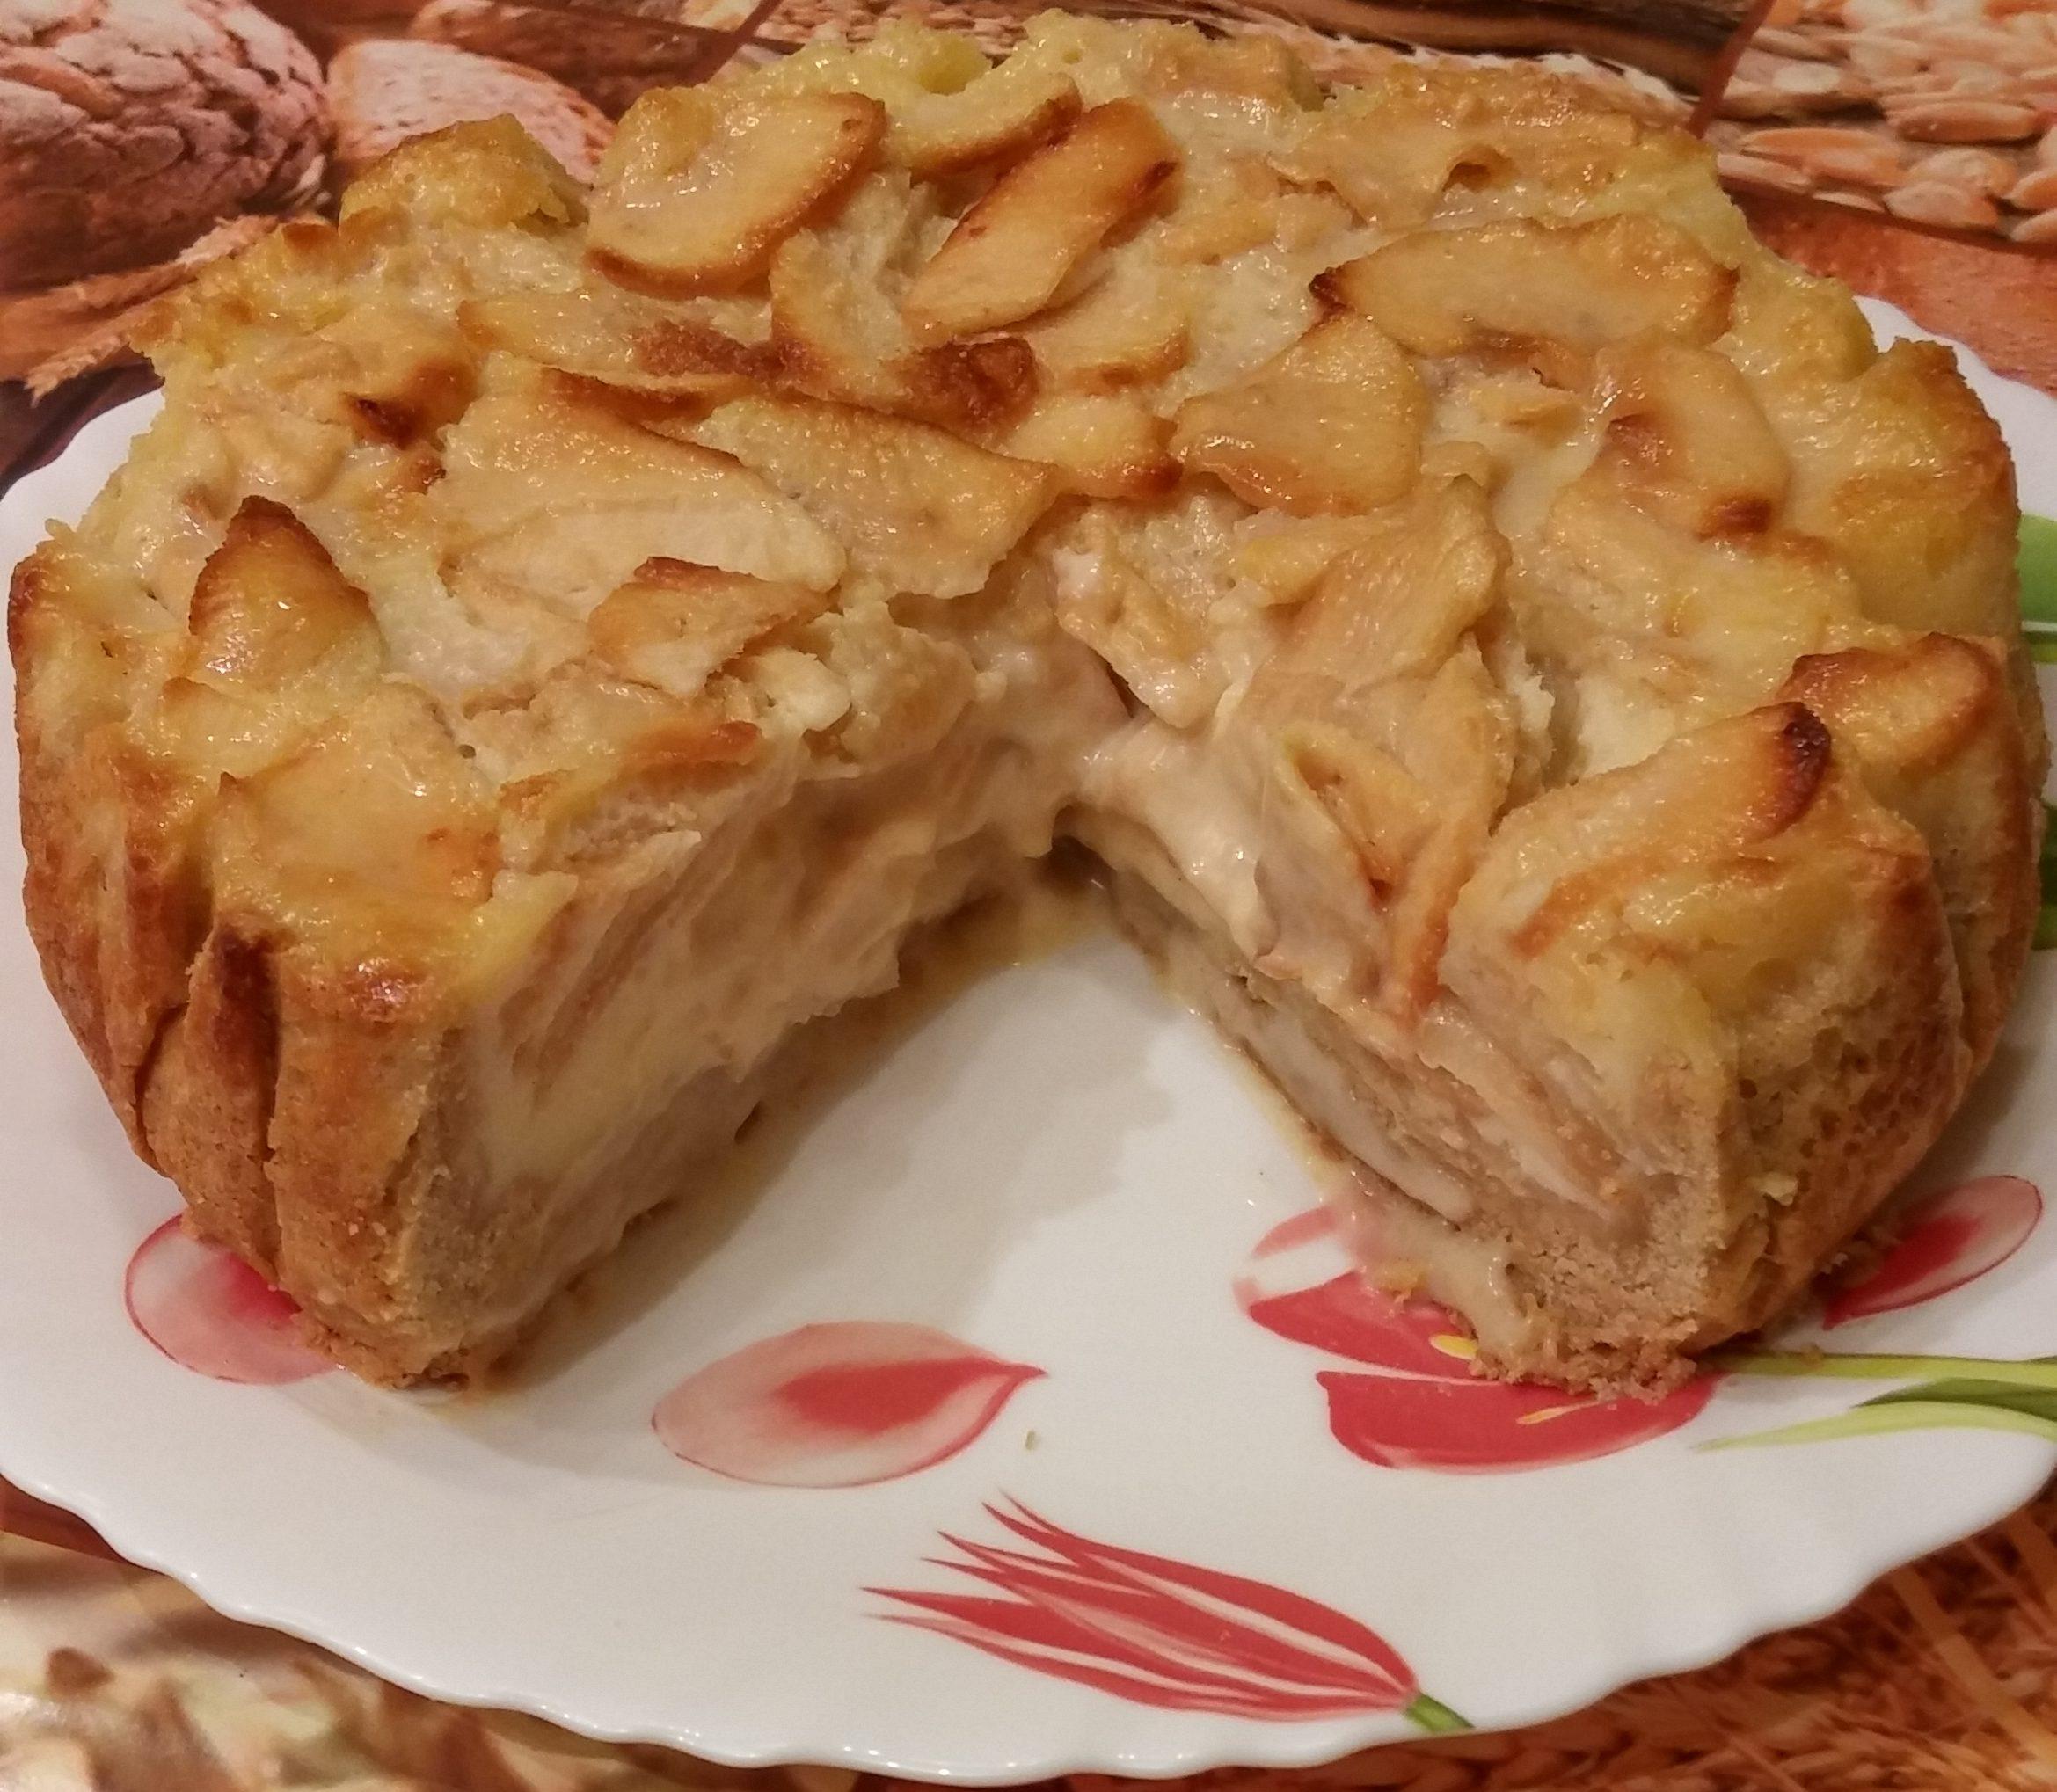 Яблочный пай с заварным кремом… Все кто угощался просят рецепт.